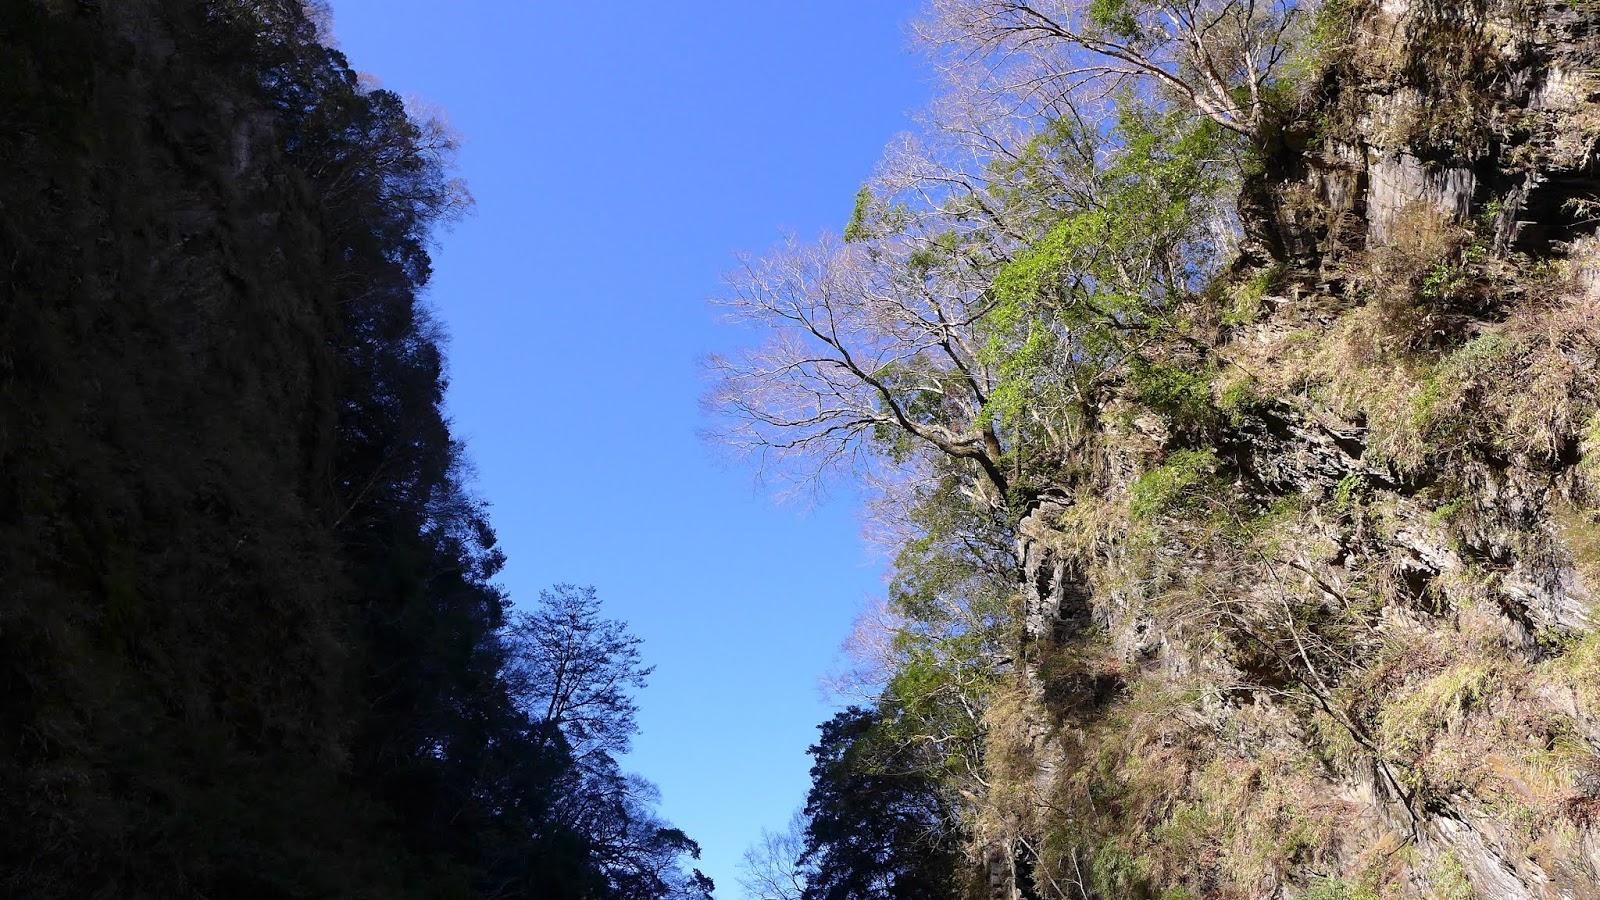 宸於山林水間-前往,看見,體驗中: 萬大北溪溫泉露營記